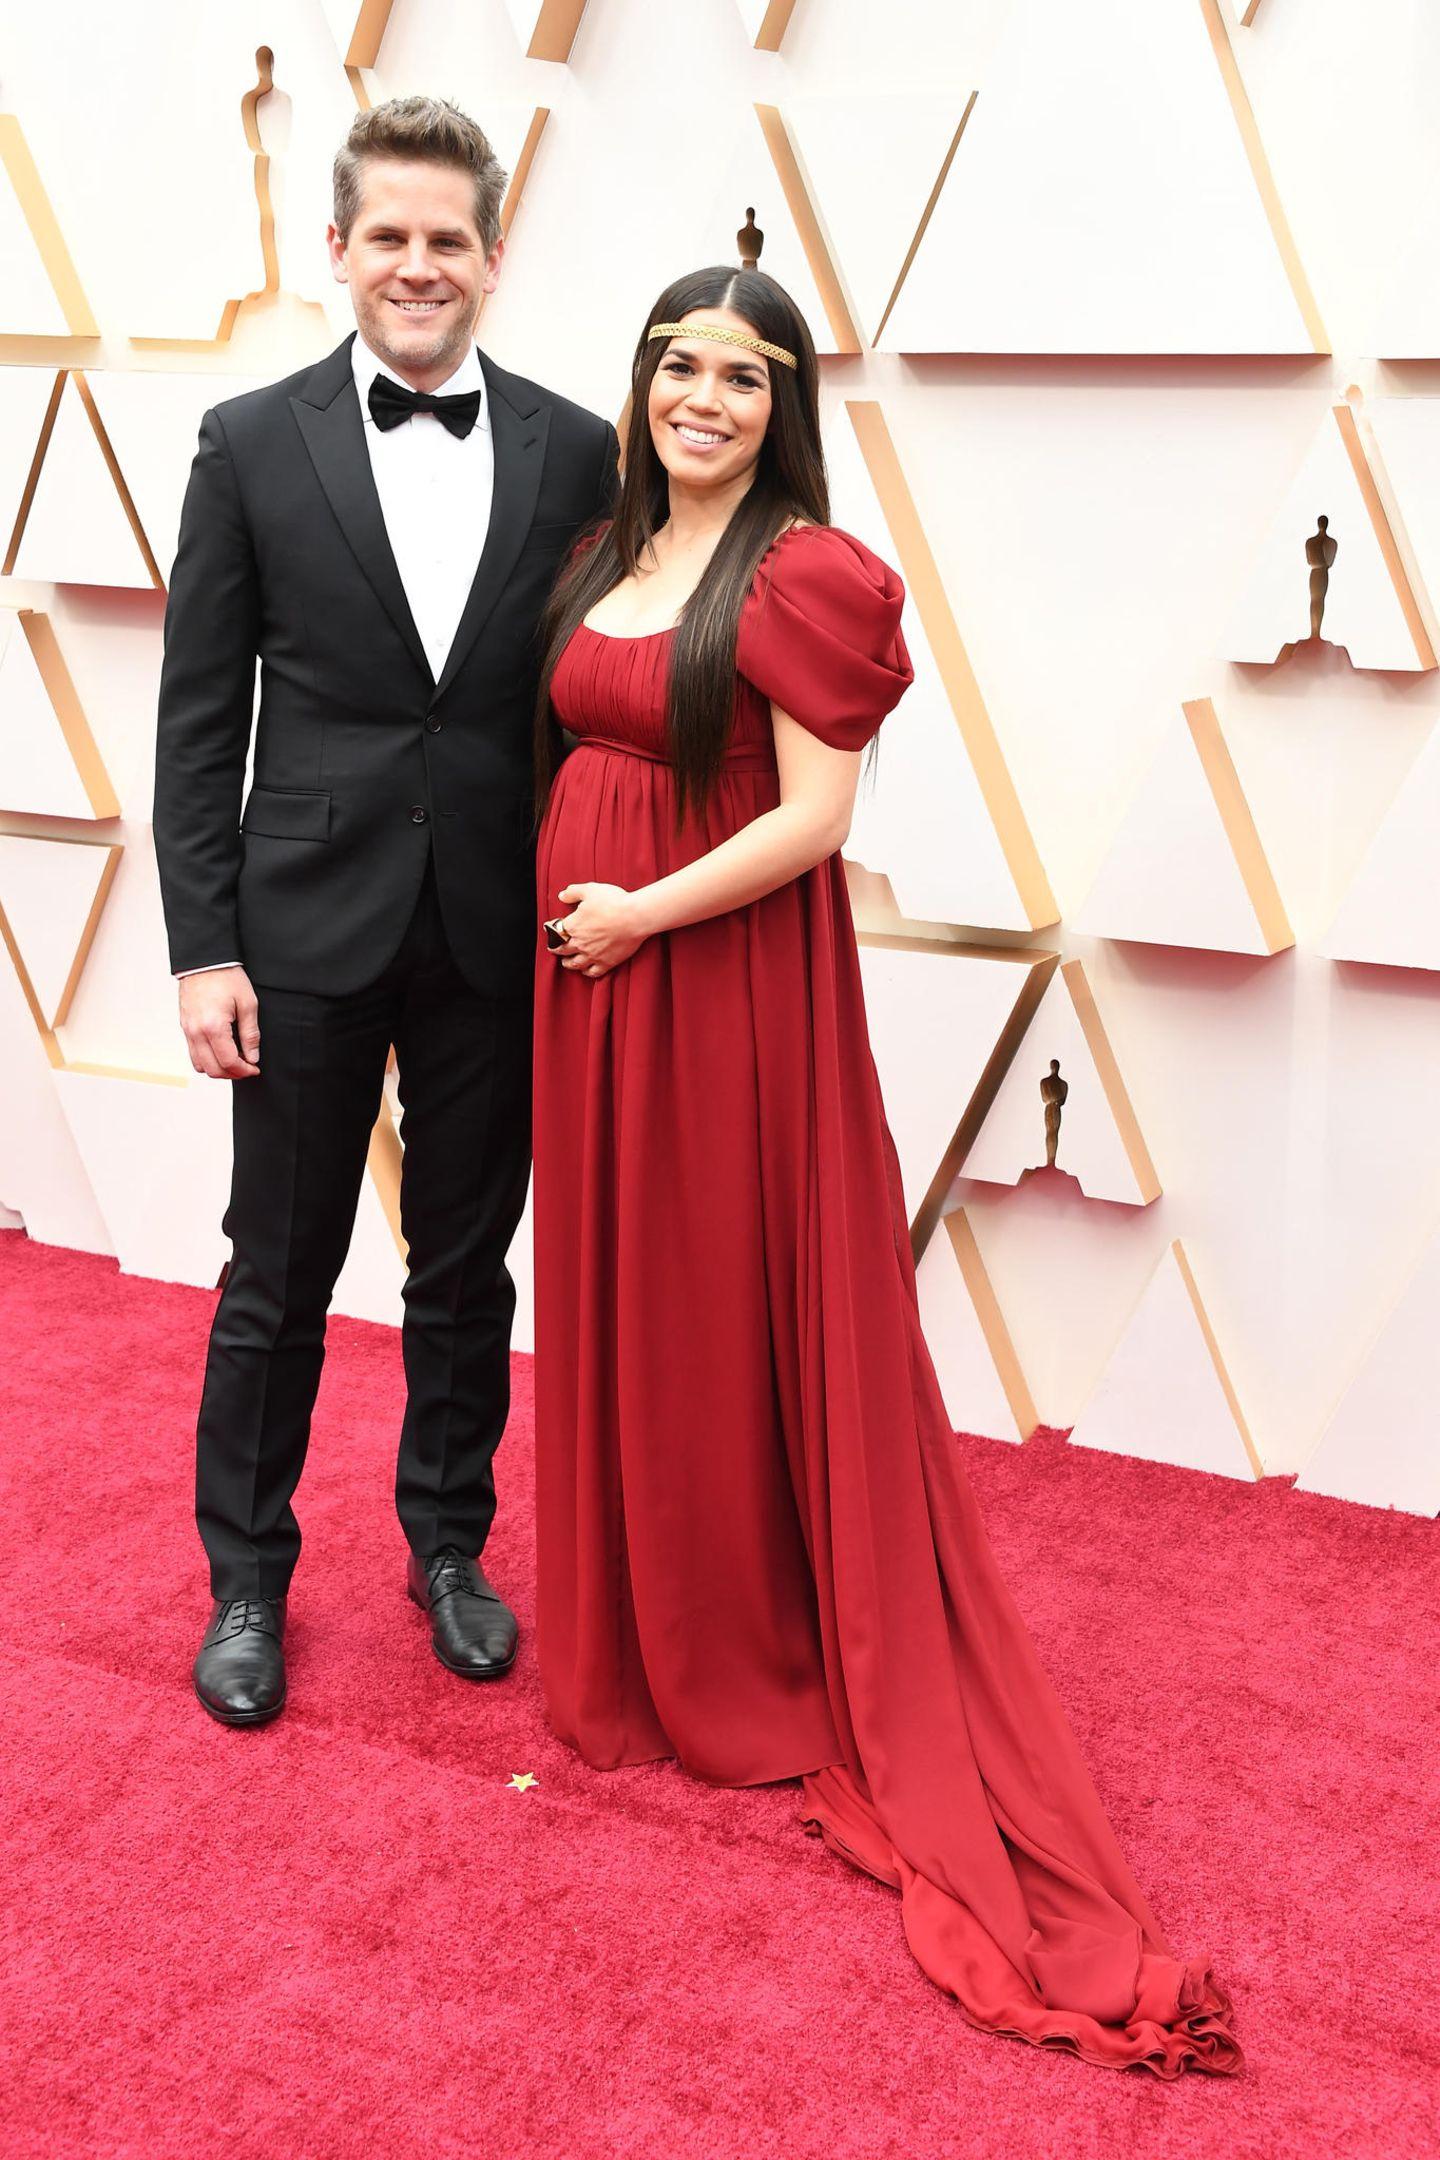 America Ferrera präsentiert stolz ihren Babybauch in einer Traumrobe von Alberta Ferretti. An ihrer Seite, ihr MannRyan Piers Williams.